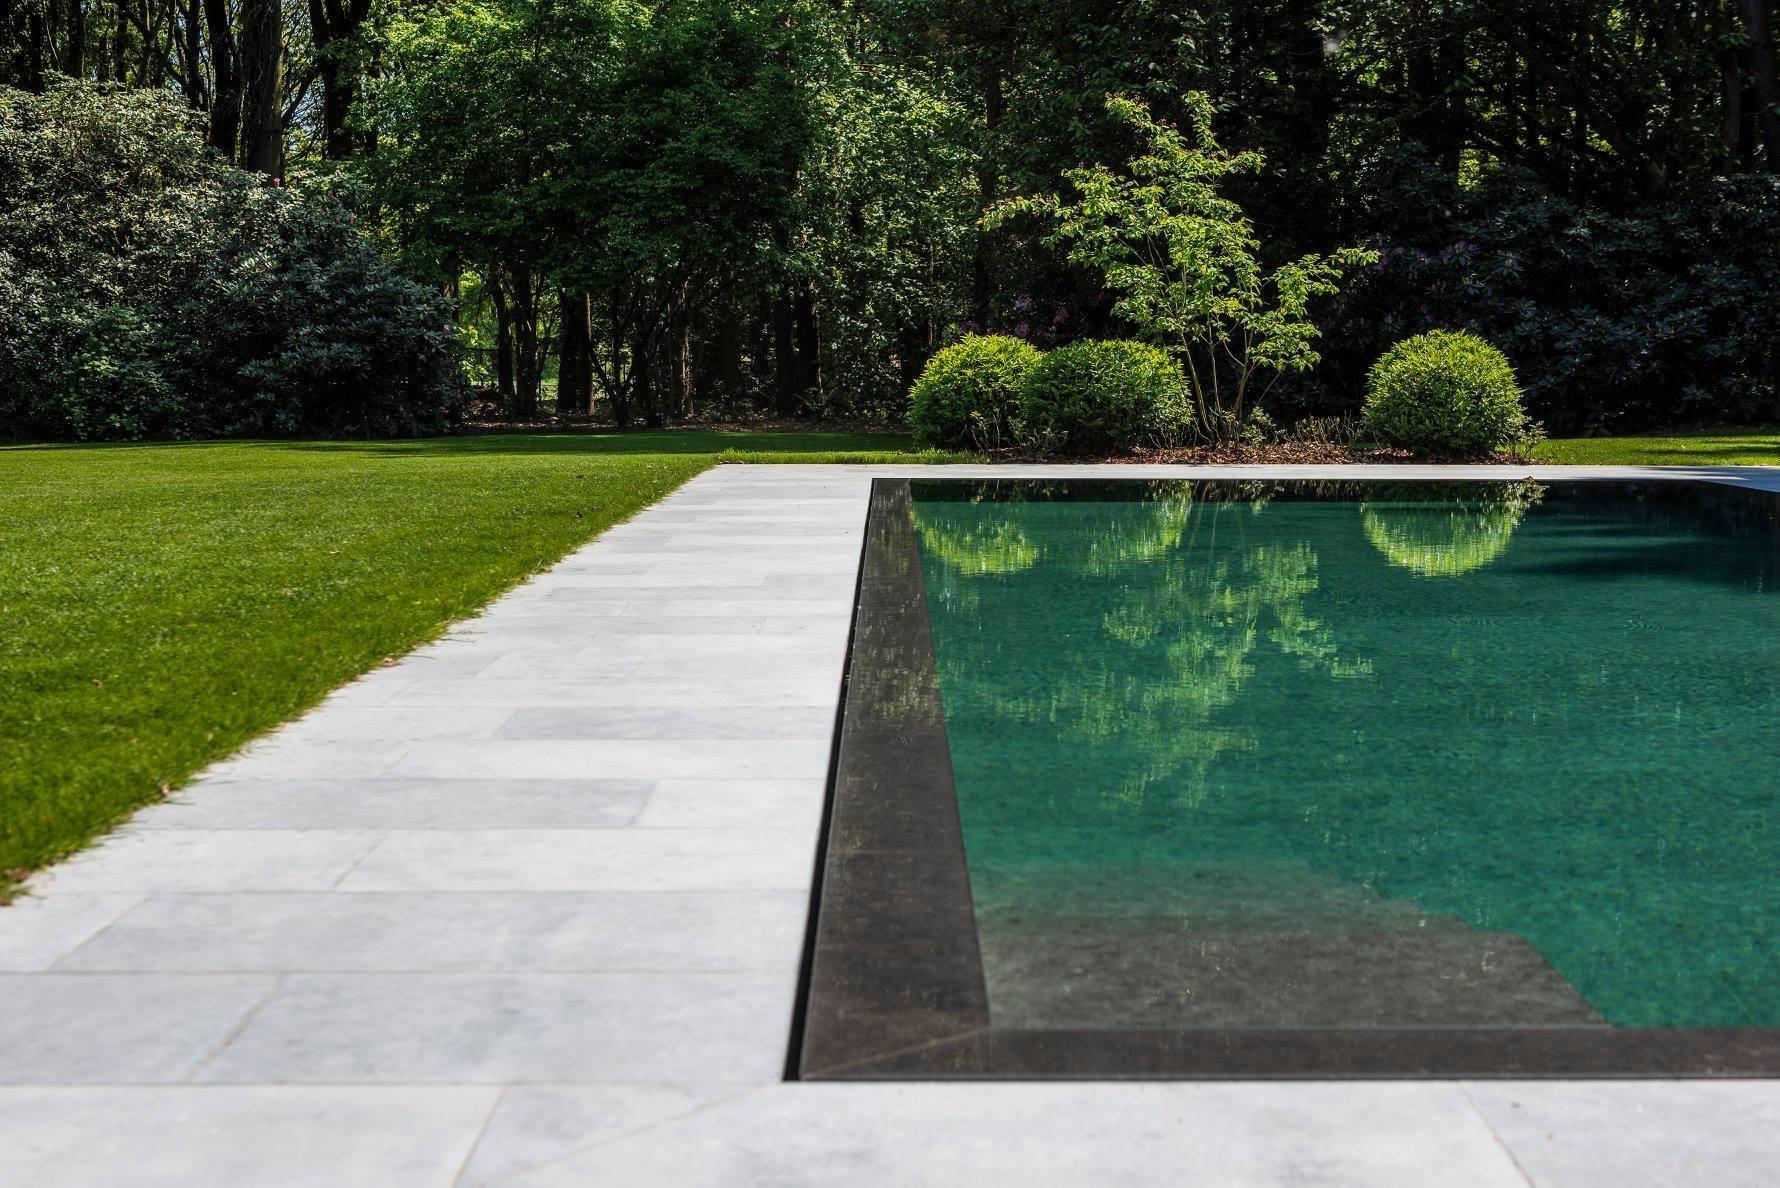 zwembad blauwe steen